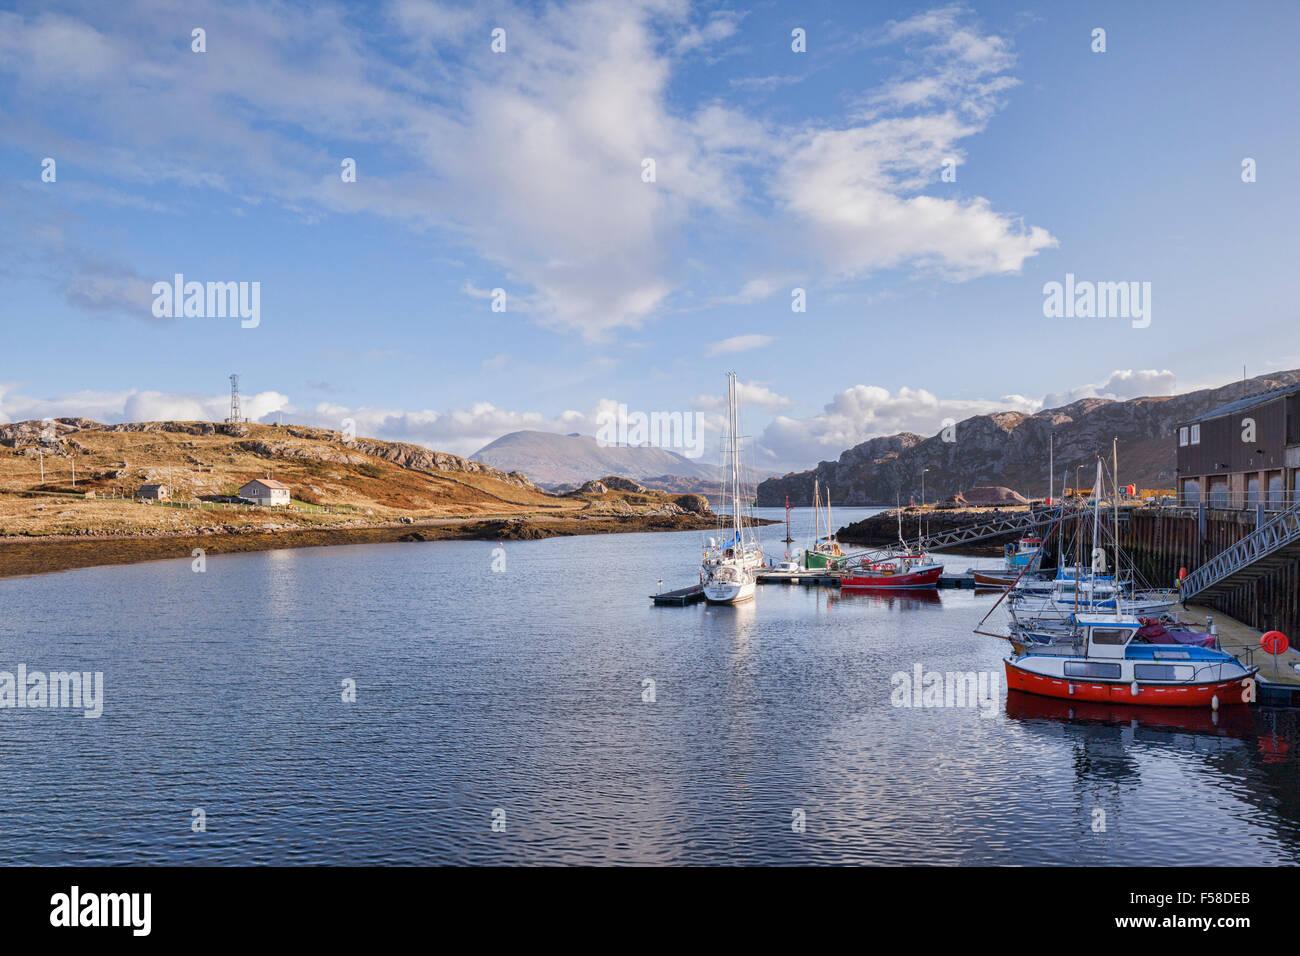 Il porto di Kinlochbervie, di un porto di pesca in Sutherland, Scotland, Regno Unito. Foto Stock